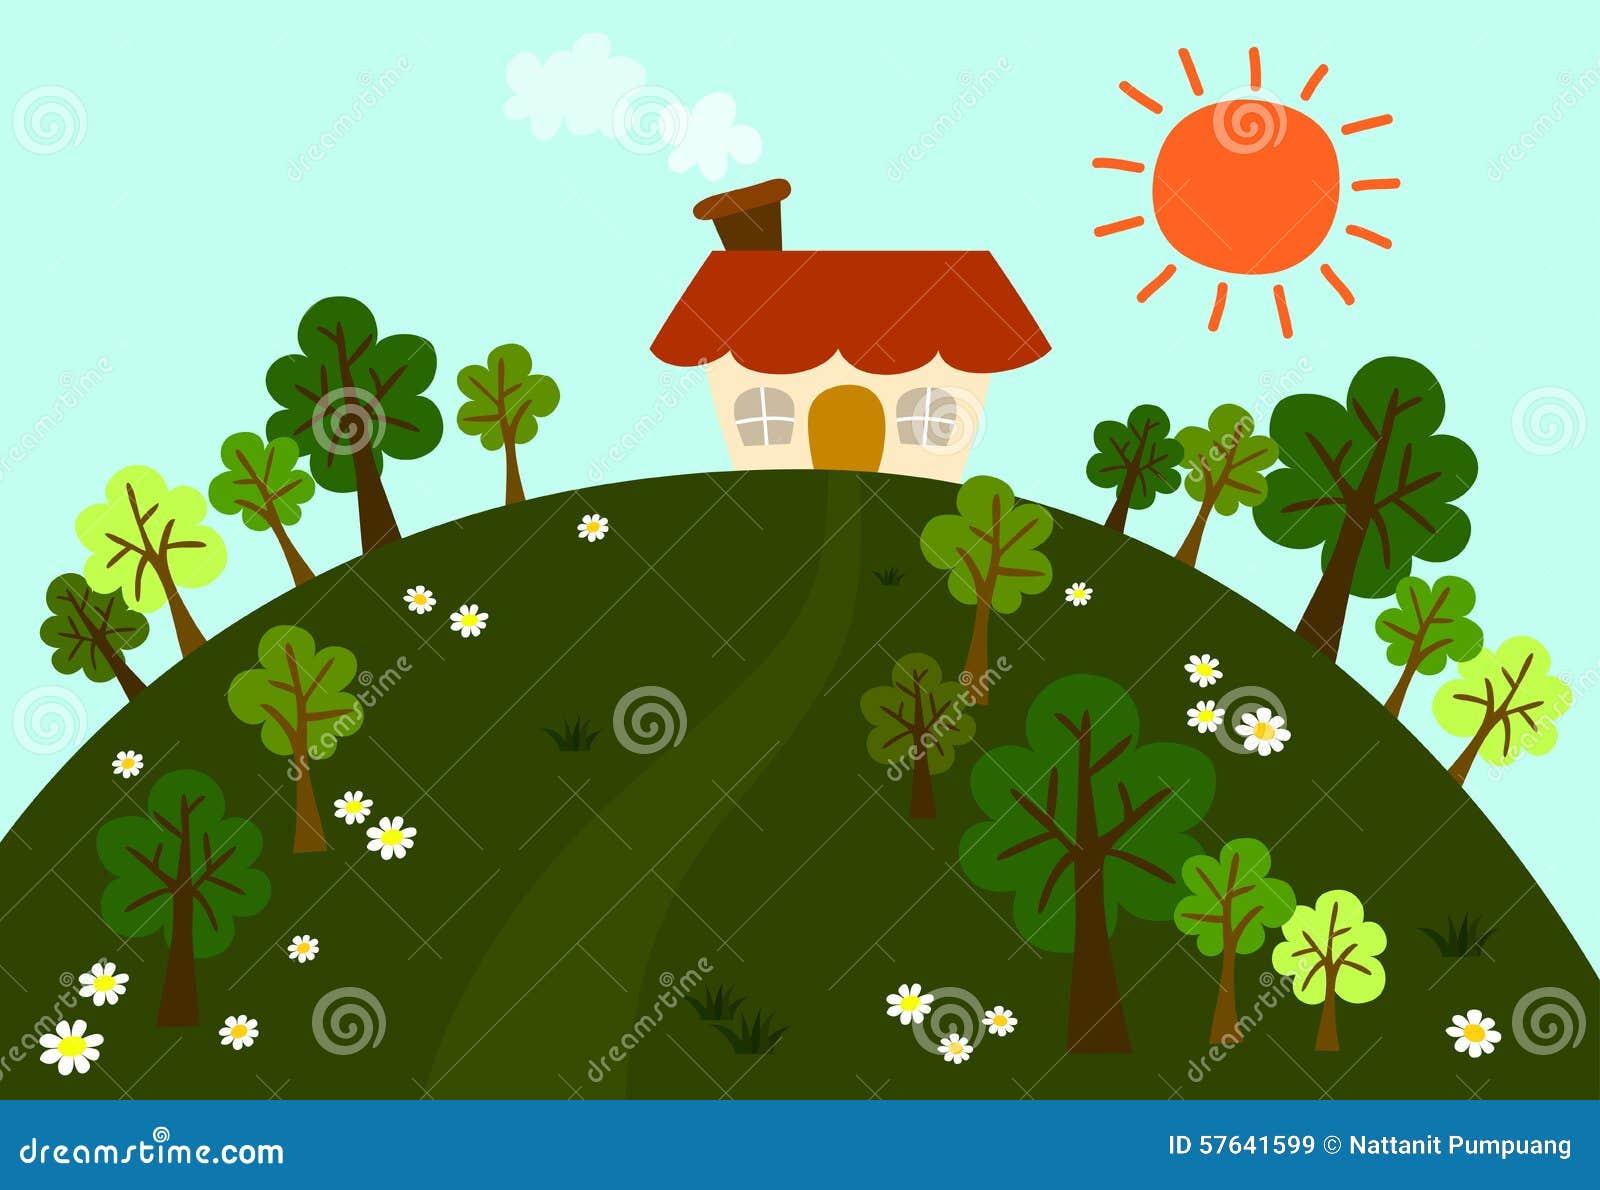 媒介绘制图标青山在花传染新鲜的树的与在太阳的大小屋中和天空的像素刷新ps环境的图片